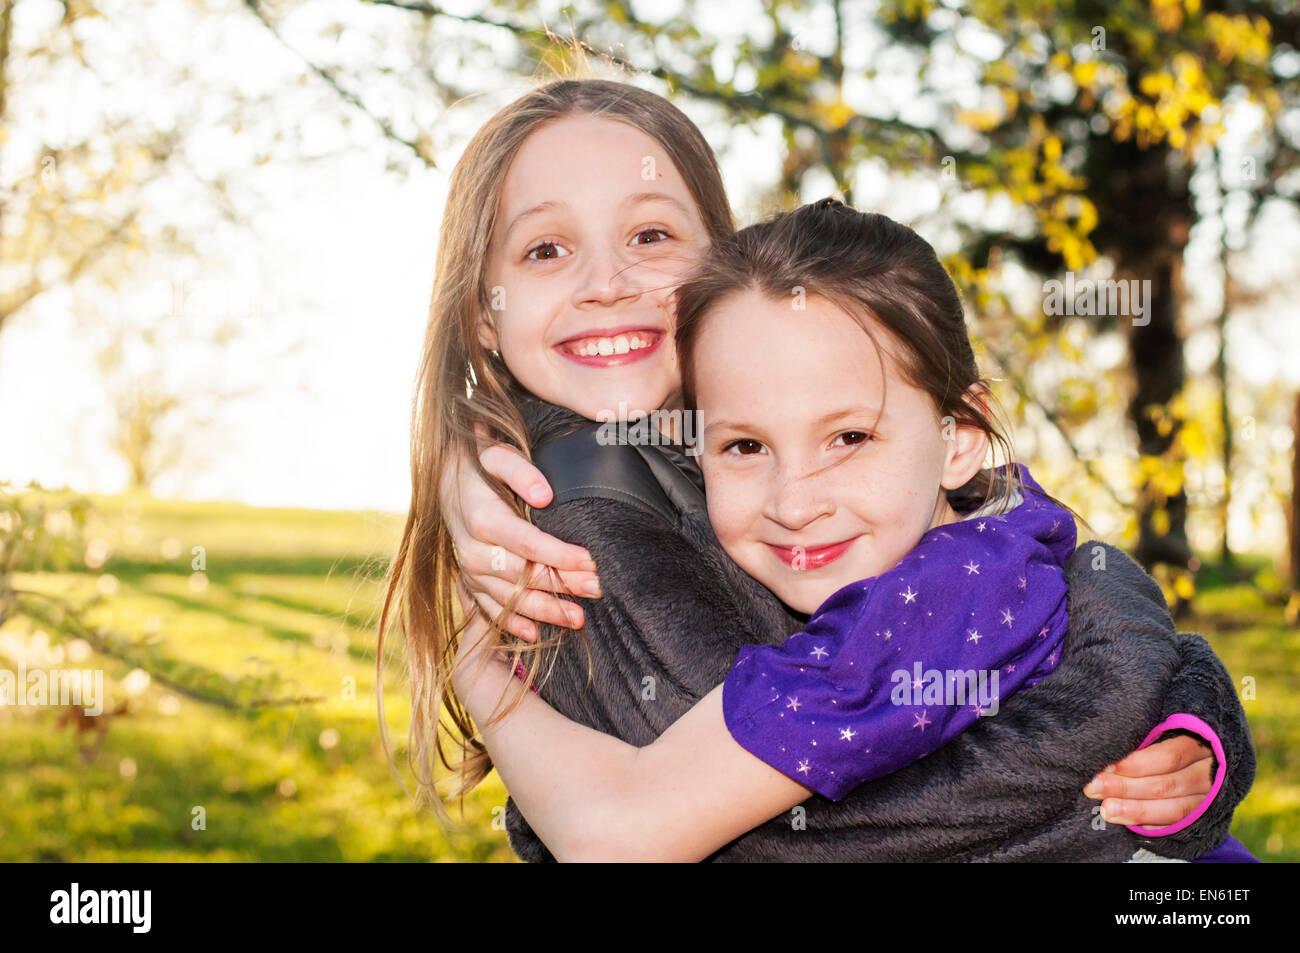 Schwestern Lächeln Umarmung Stockbild